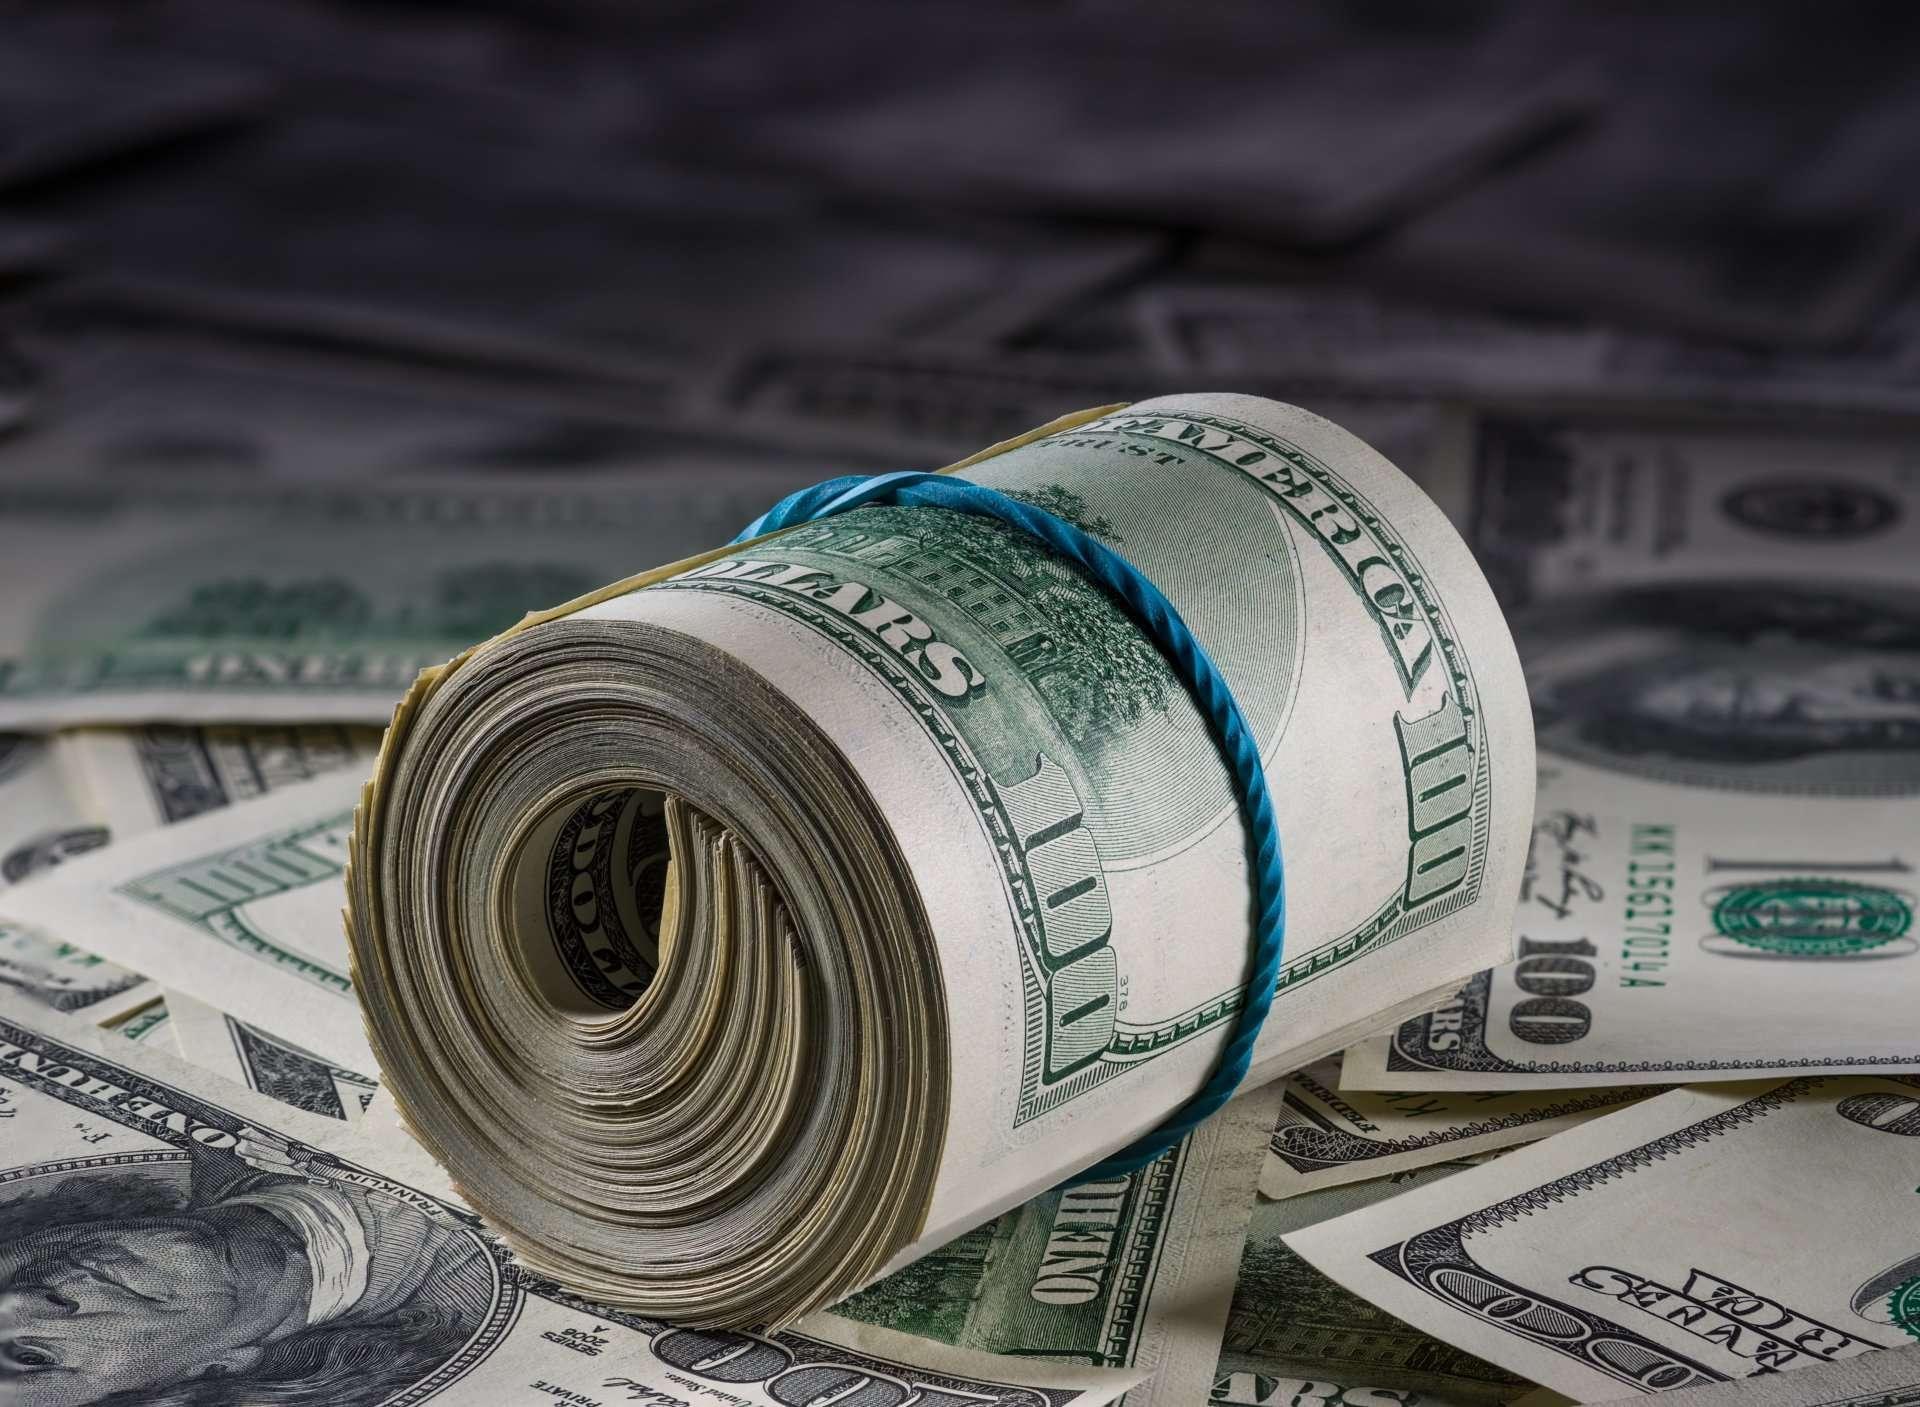 سعر الدولار اليوم في مصر الأحد 25 من أبريل 2021 بالبنوك وماكينات الصراف الآلي للعملات الأجنبية